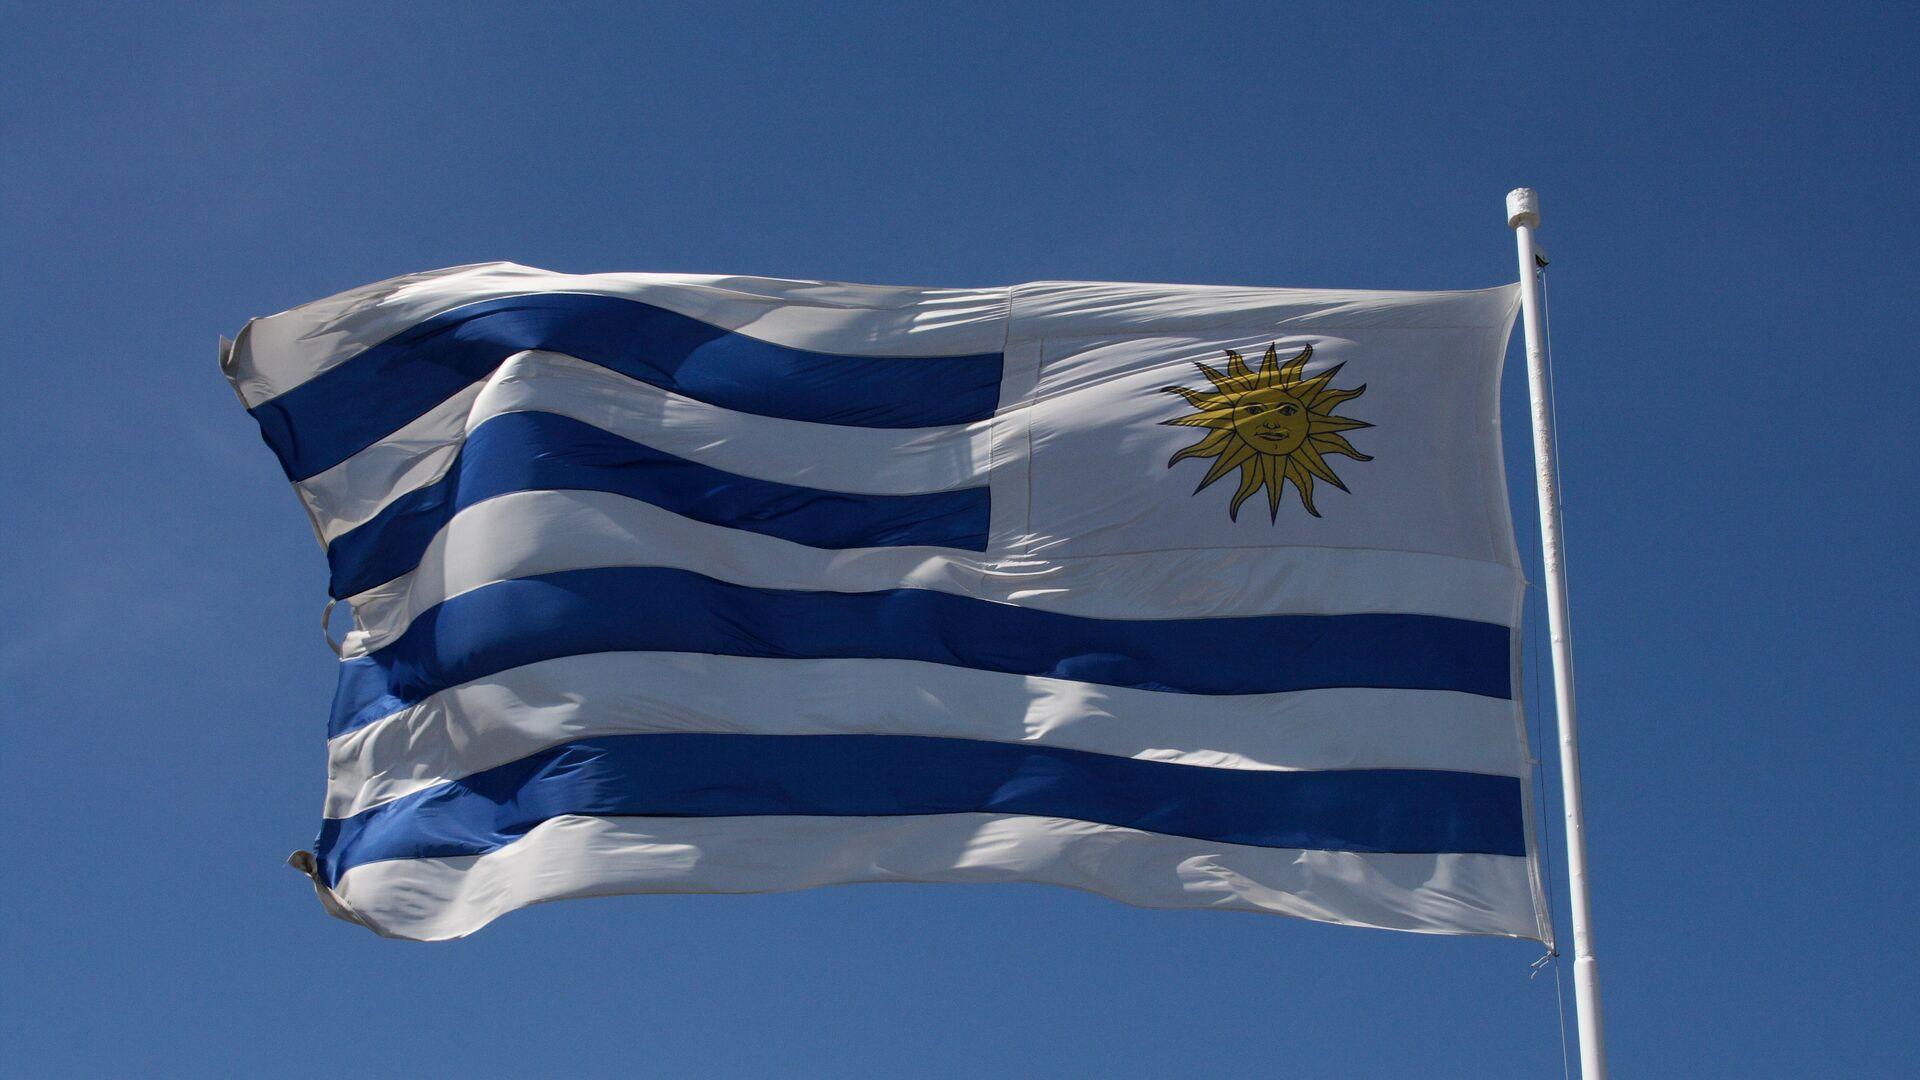 La bandera de Uruguay - Sputnik Mundo, 1920, 30.04.2021